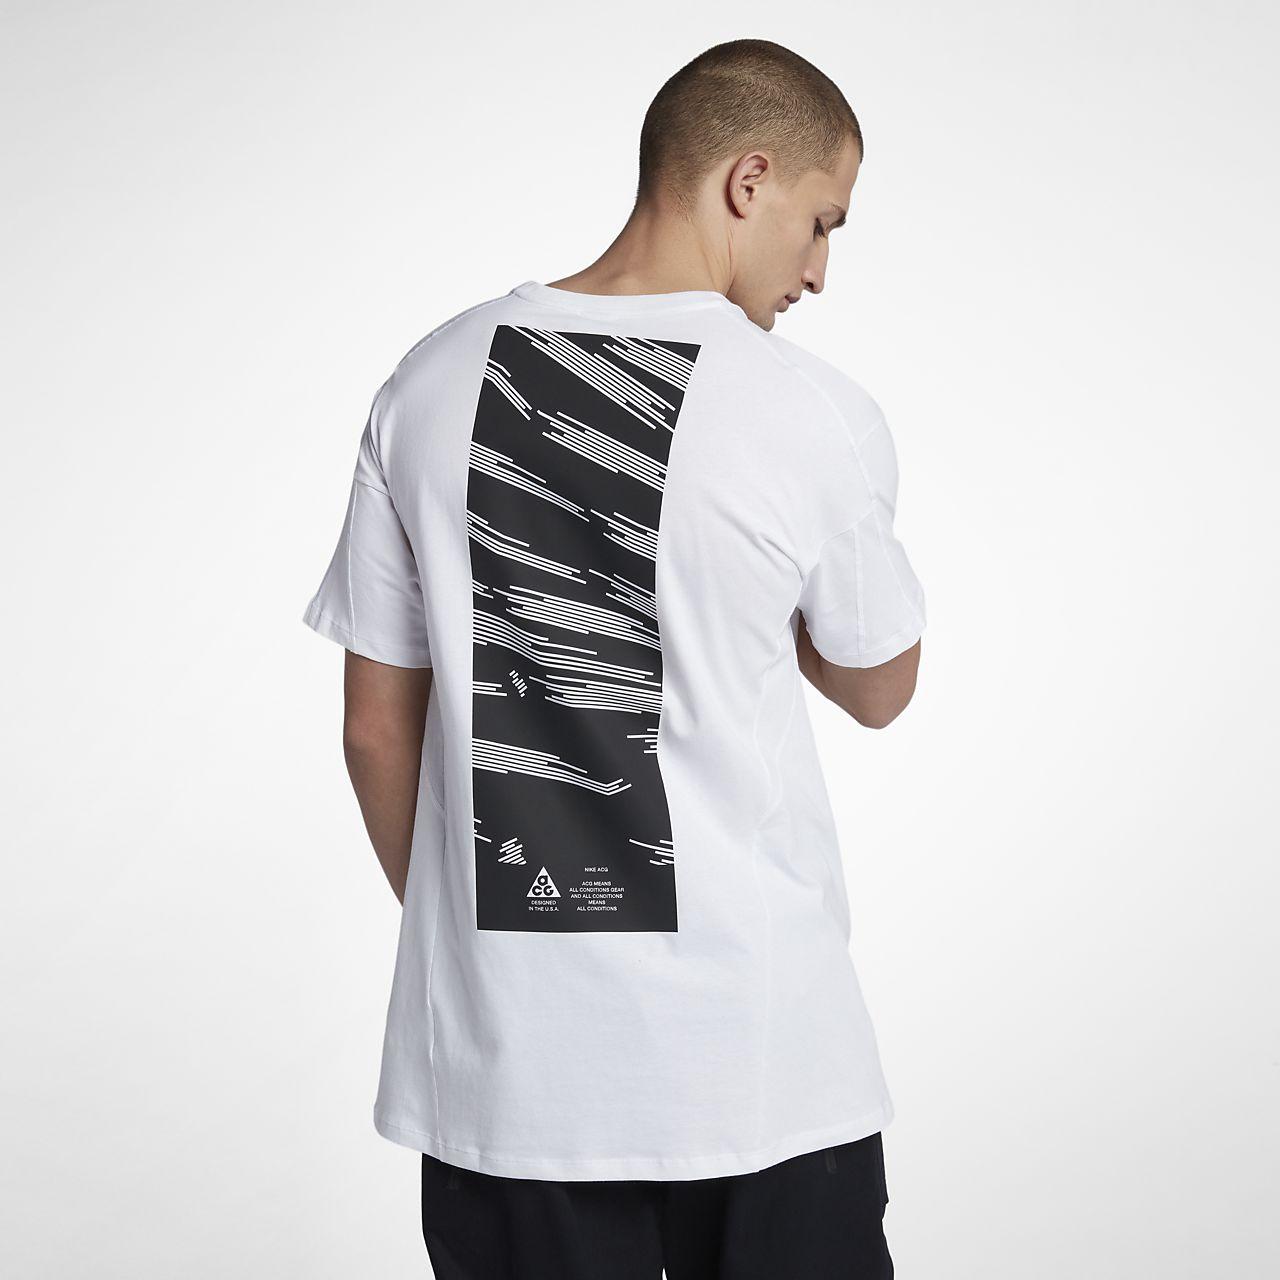 ... NikeLab ACG Men's T-Shirt